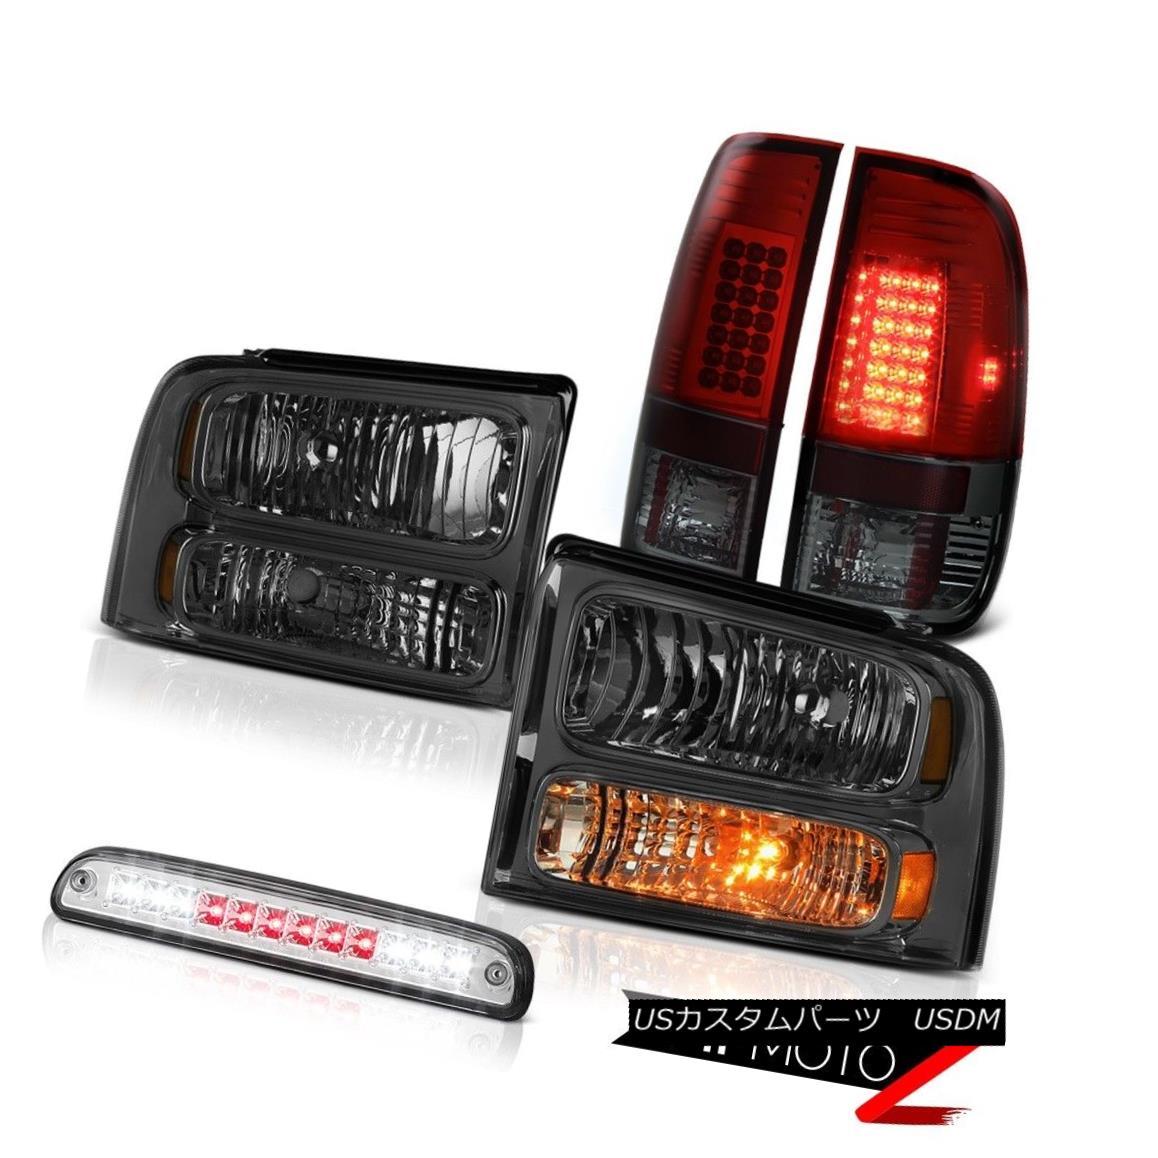 ヘッドライト 05 06 07 Ford F450 Dark Smoke Headlights SMD LED Brake Lamps High Stop Chrome 05 06 07フォードF450ダークスモークヘッドライトSMD LEDブレーキランプハイストップクローム